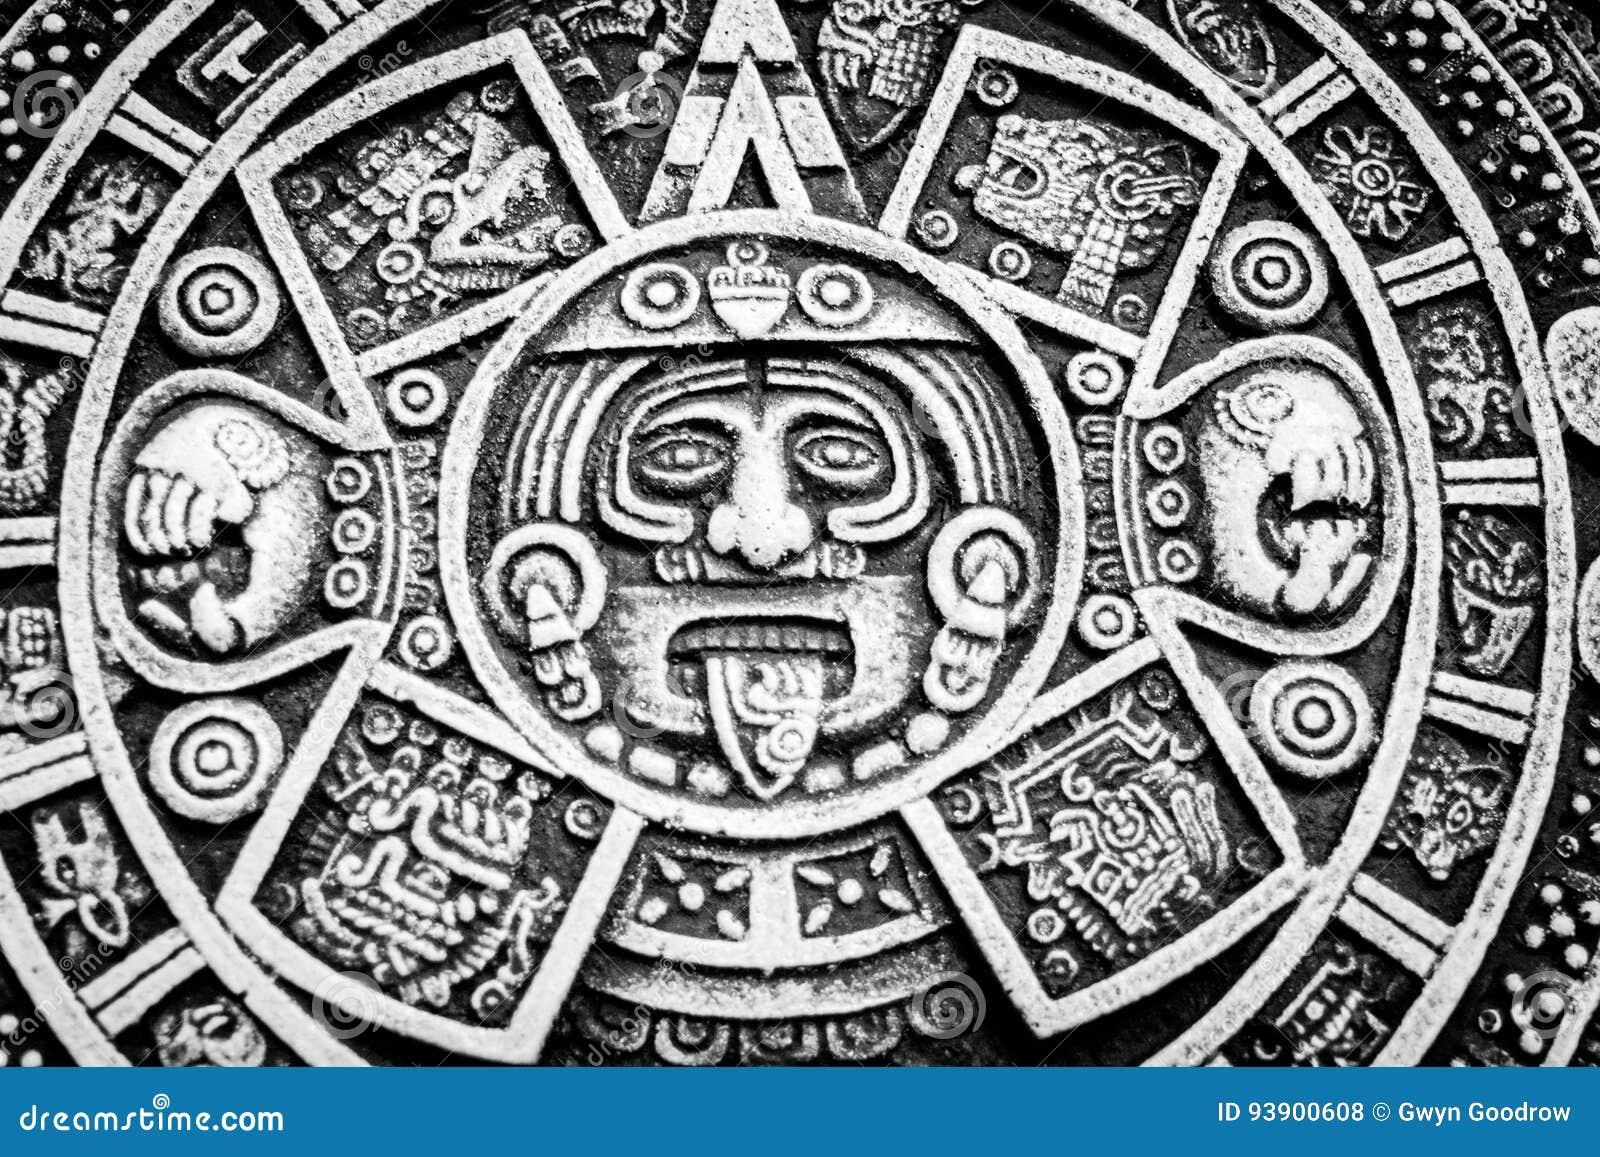 在圆的圆盘的墨西哥日历象征主义